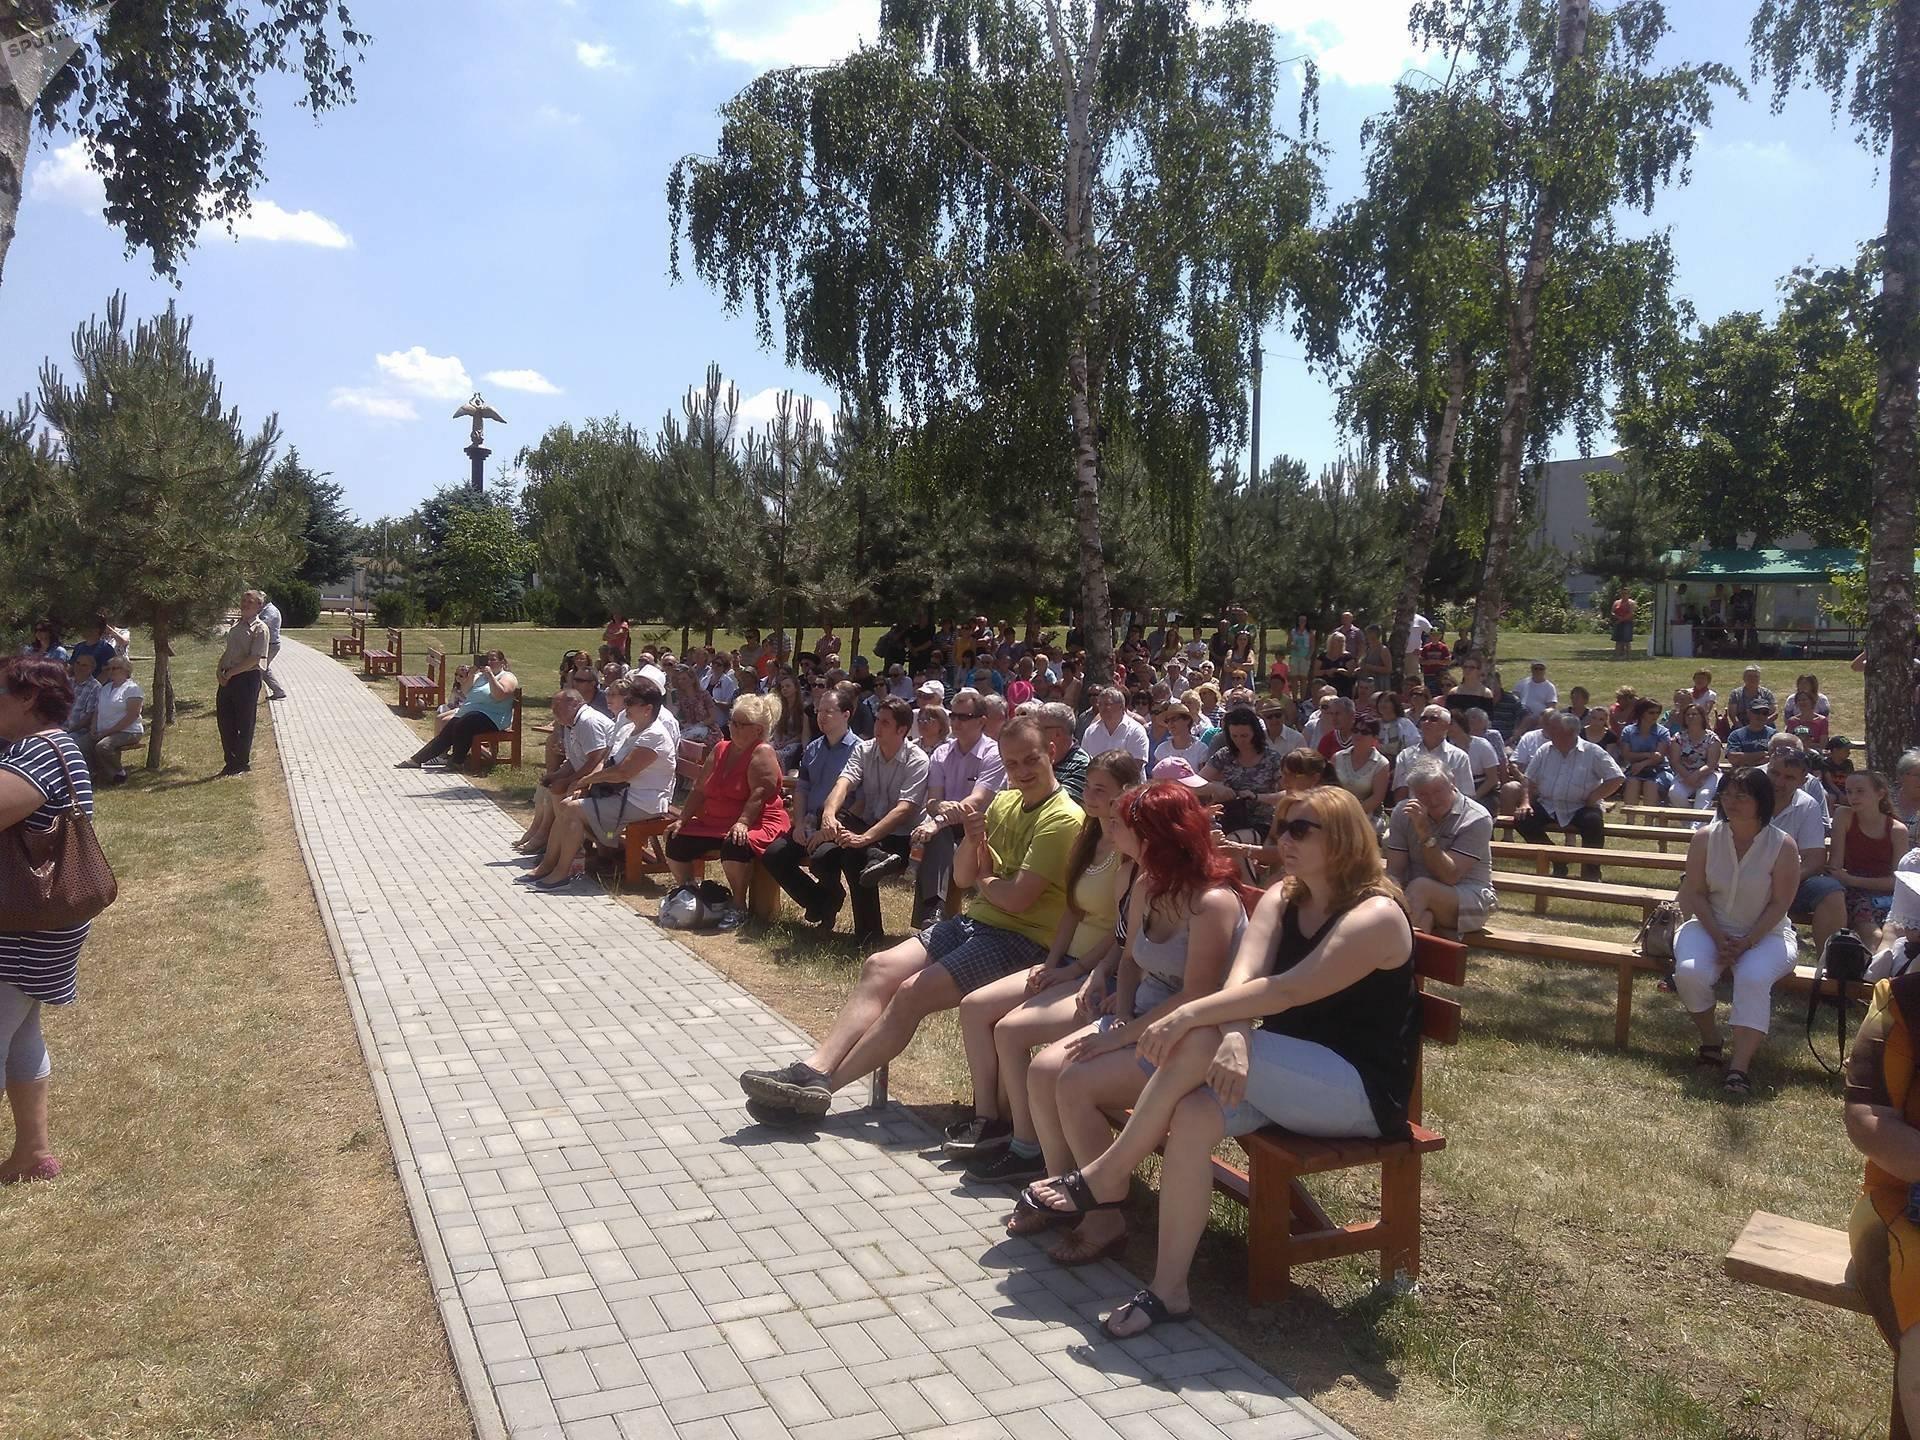 Odsłonięcie tablicy upamiętniającej chór im. Aleksandrowa w Słowacji. Rišňovce, czerwiec 2017.